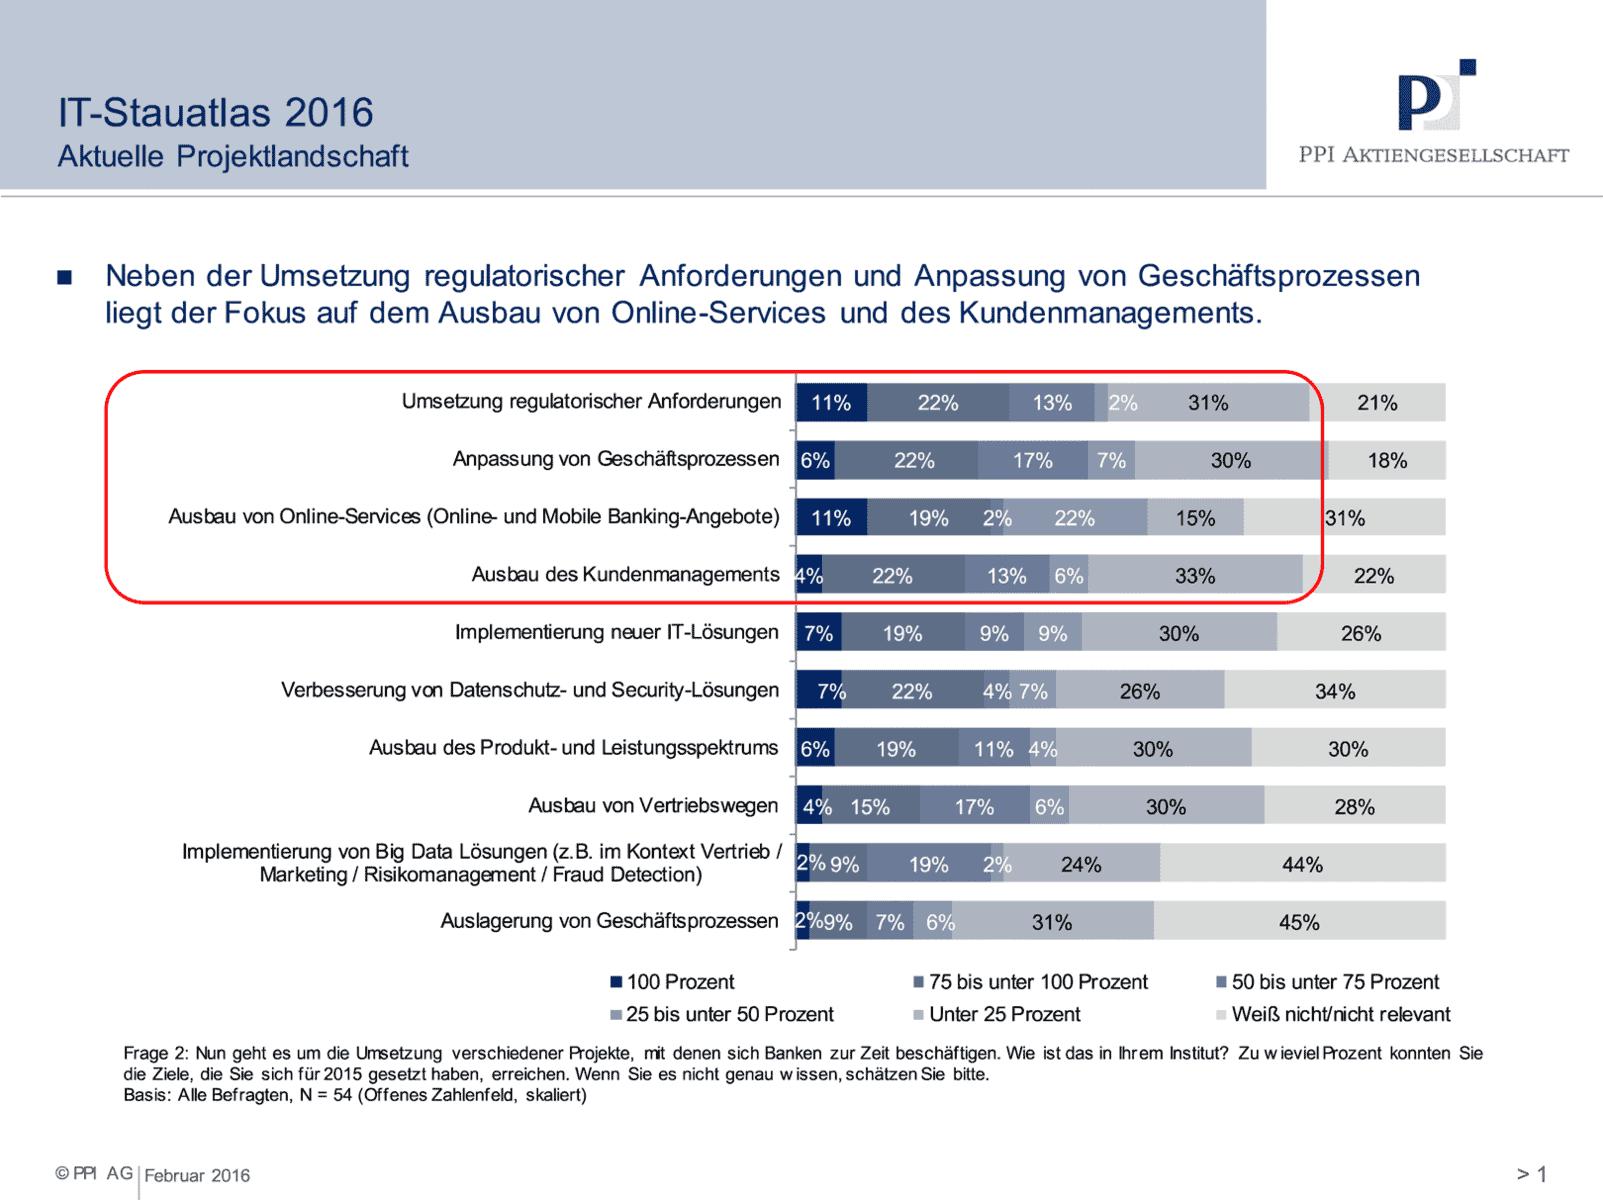 IT-&-Vertrieb-in-der-Bankenwirtschaft-1620-PPI